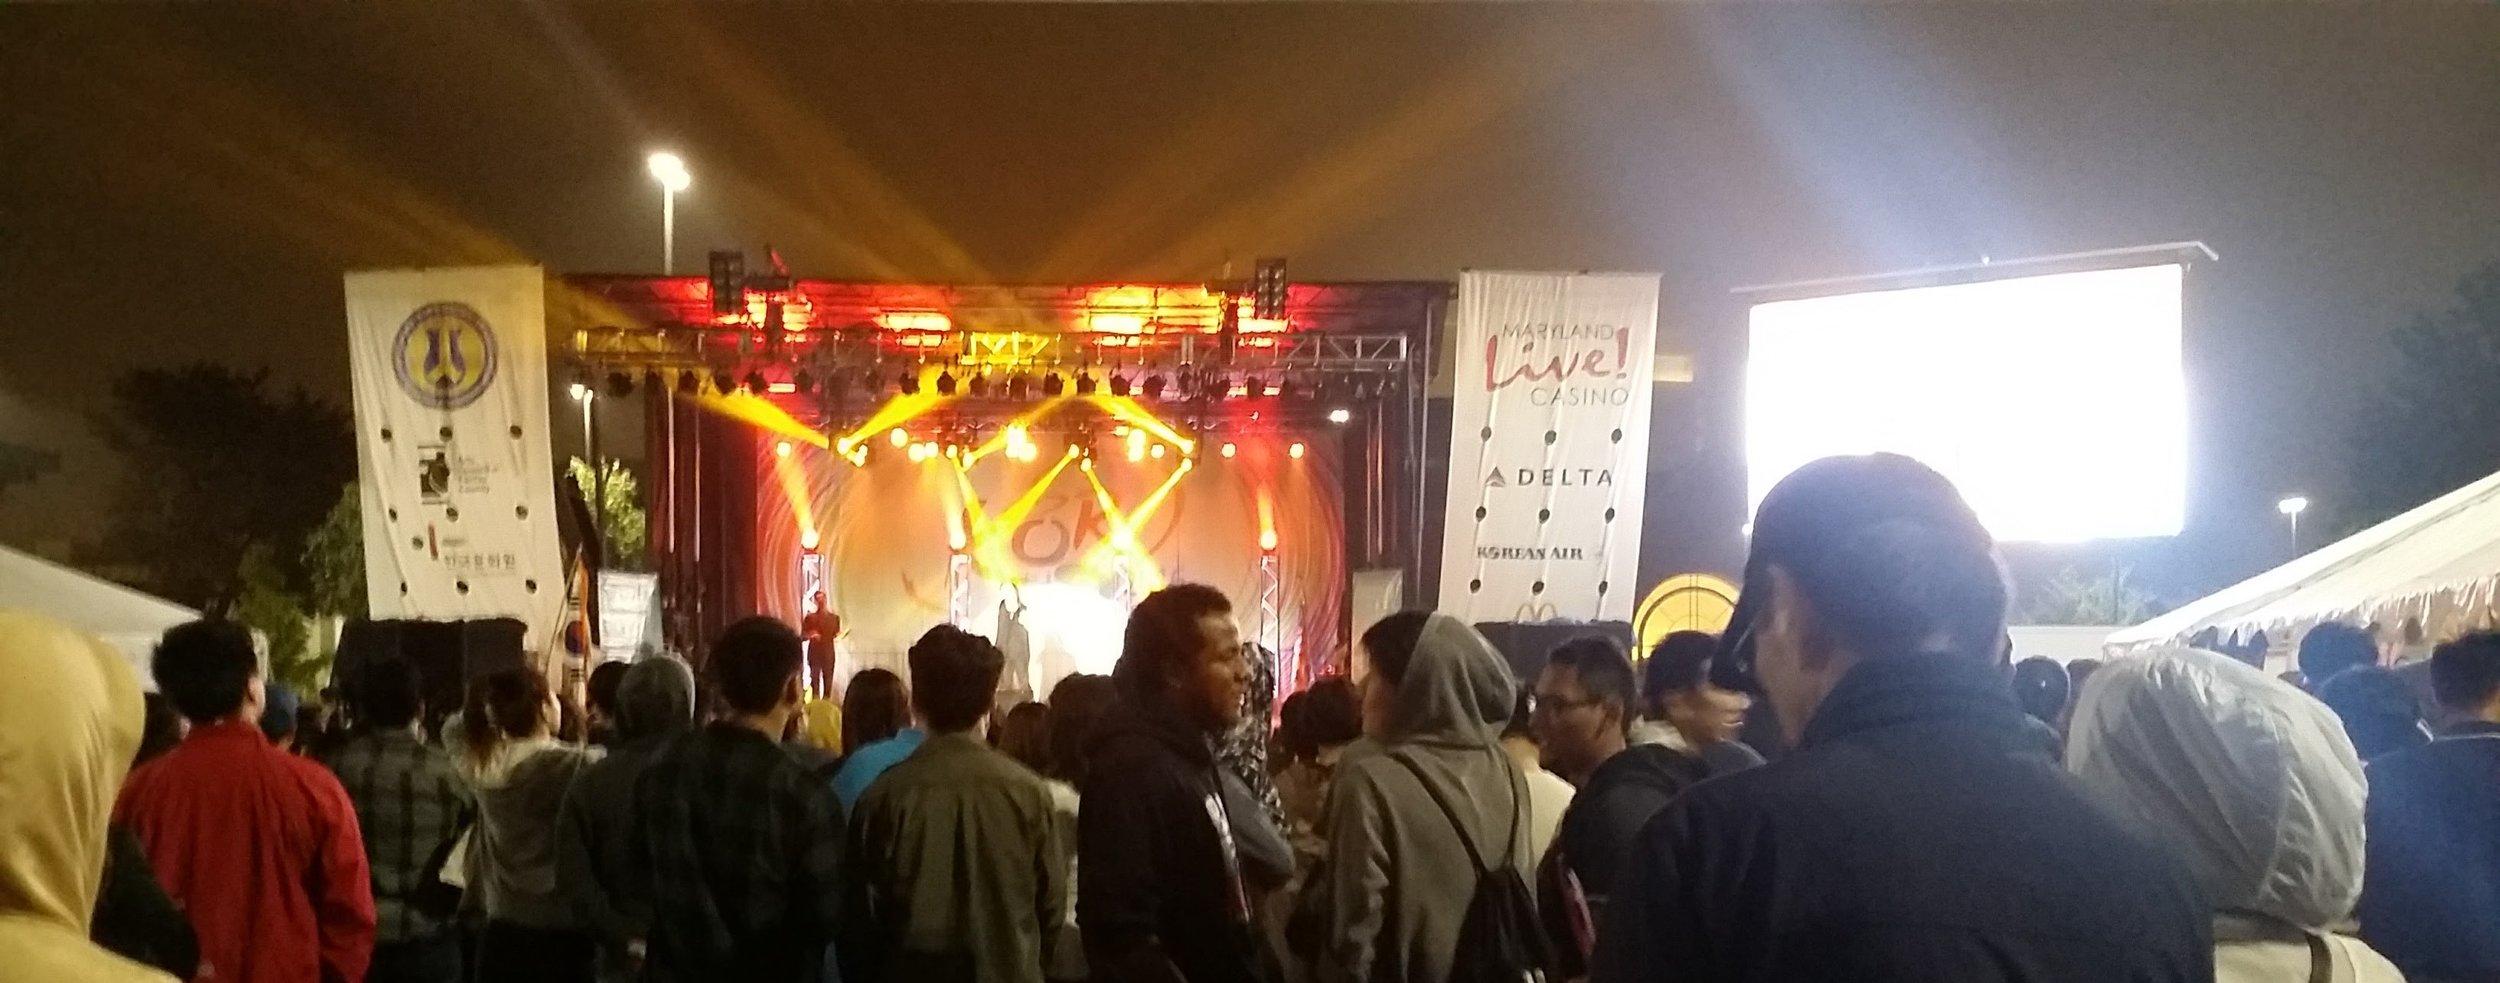 KORUS Festival 2016